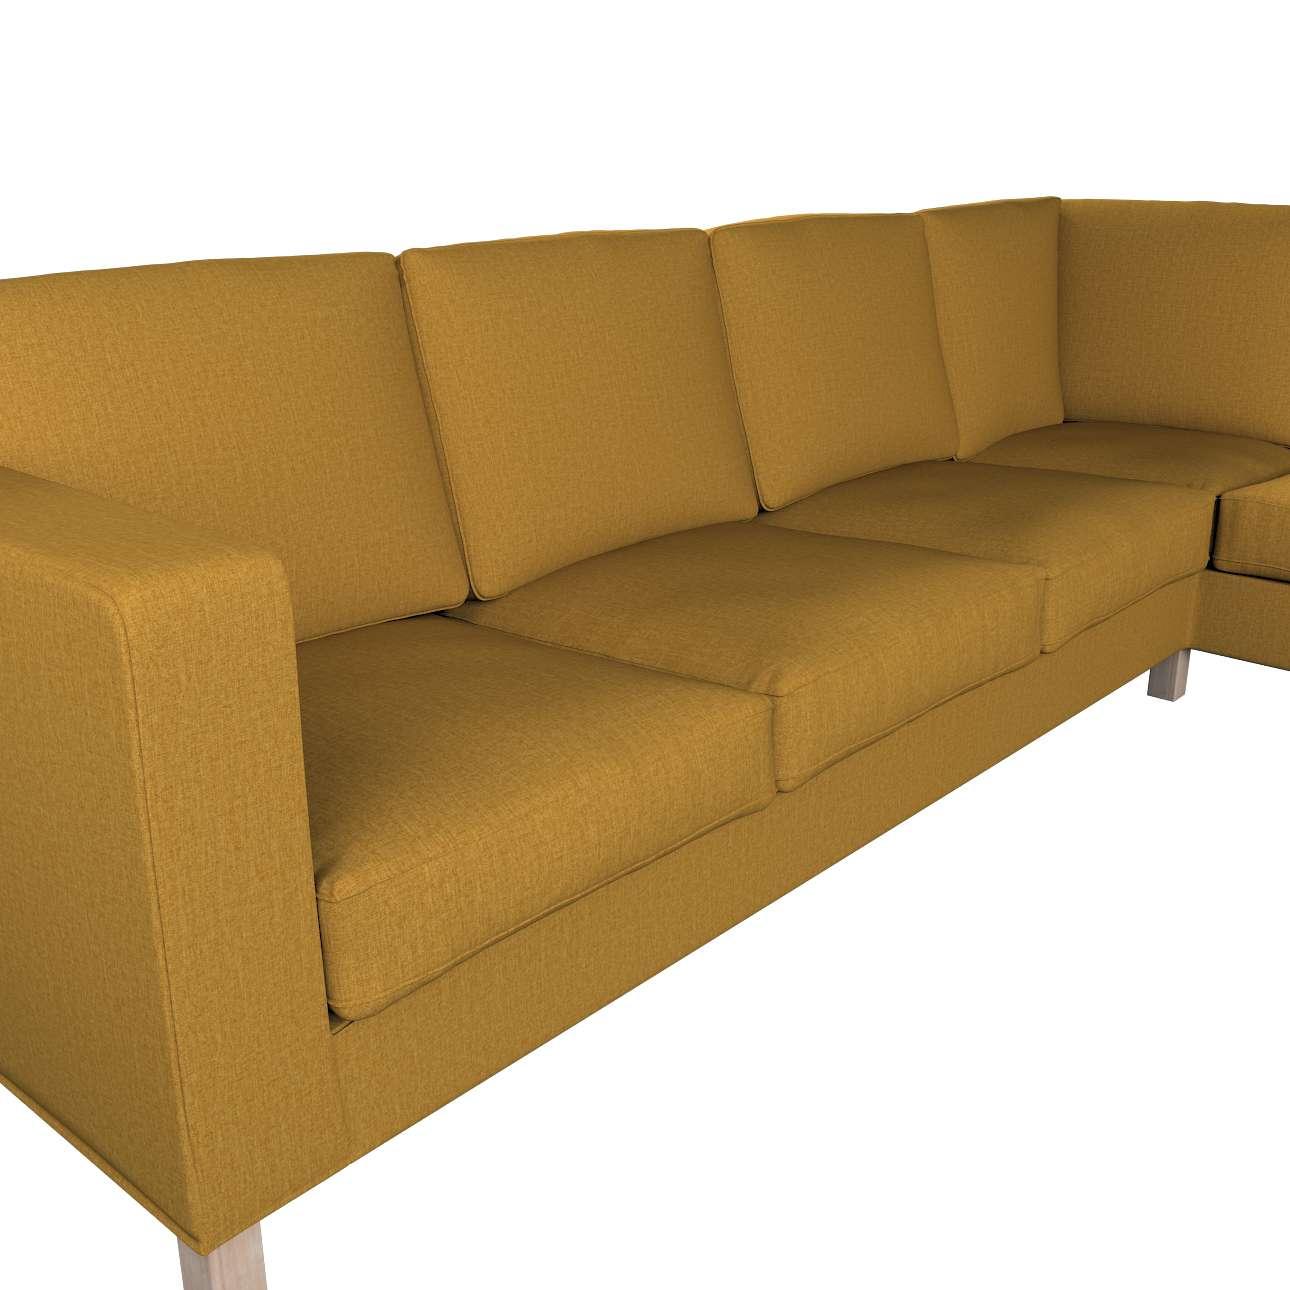 Pokrowiec na sofę narożną lewostronną Karlanda w kolekcji City, tkanina: 704-82